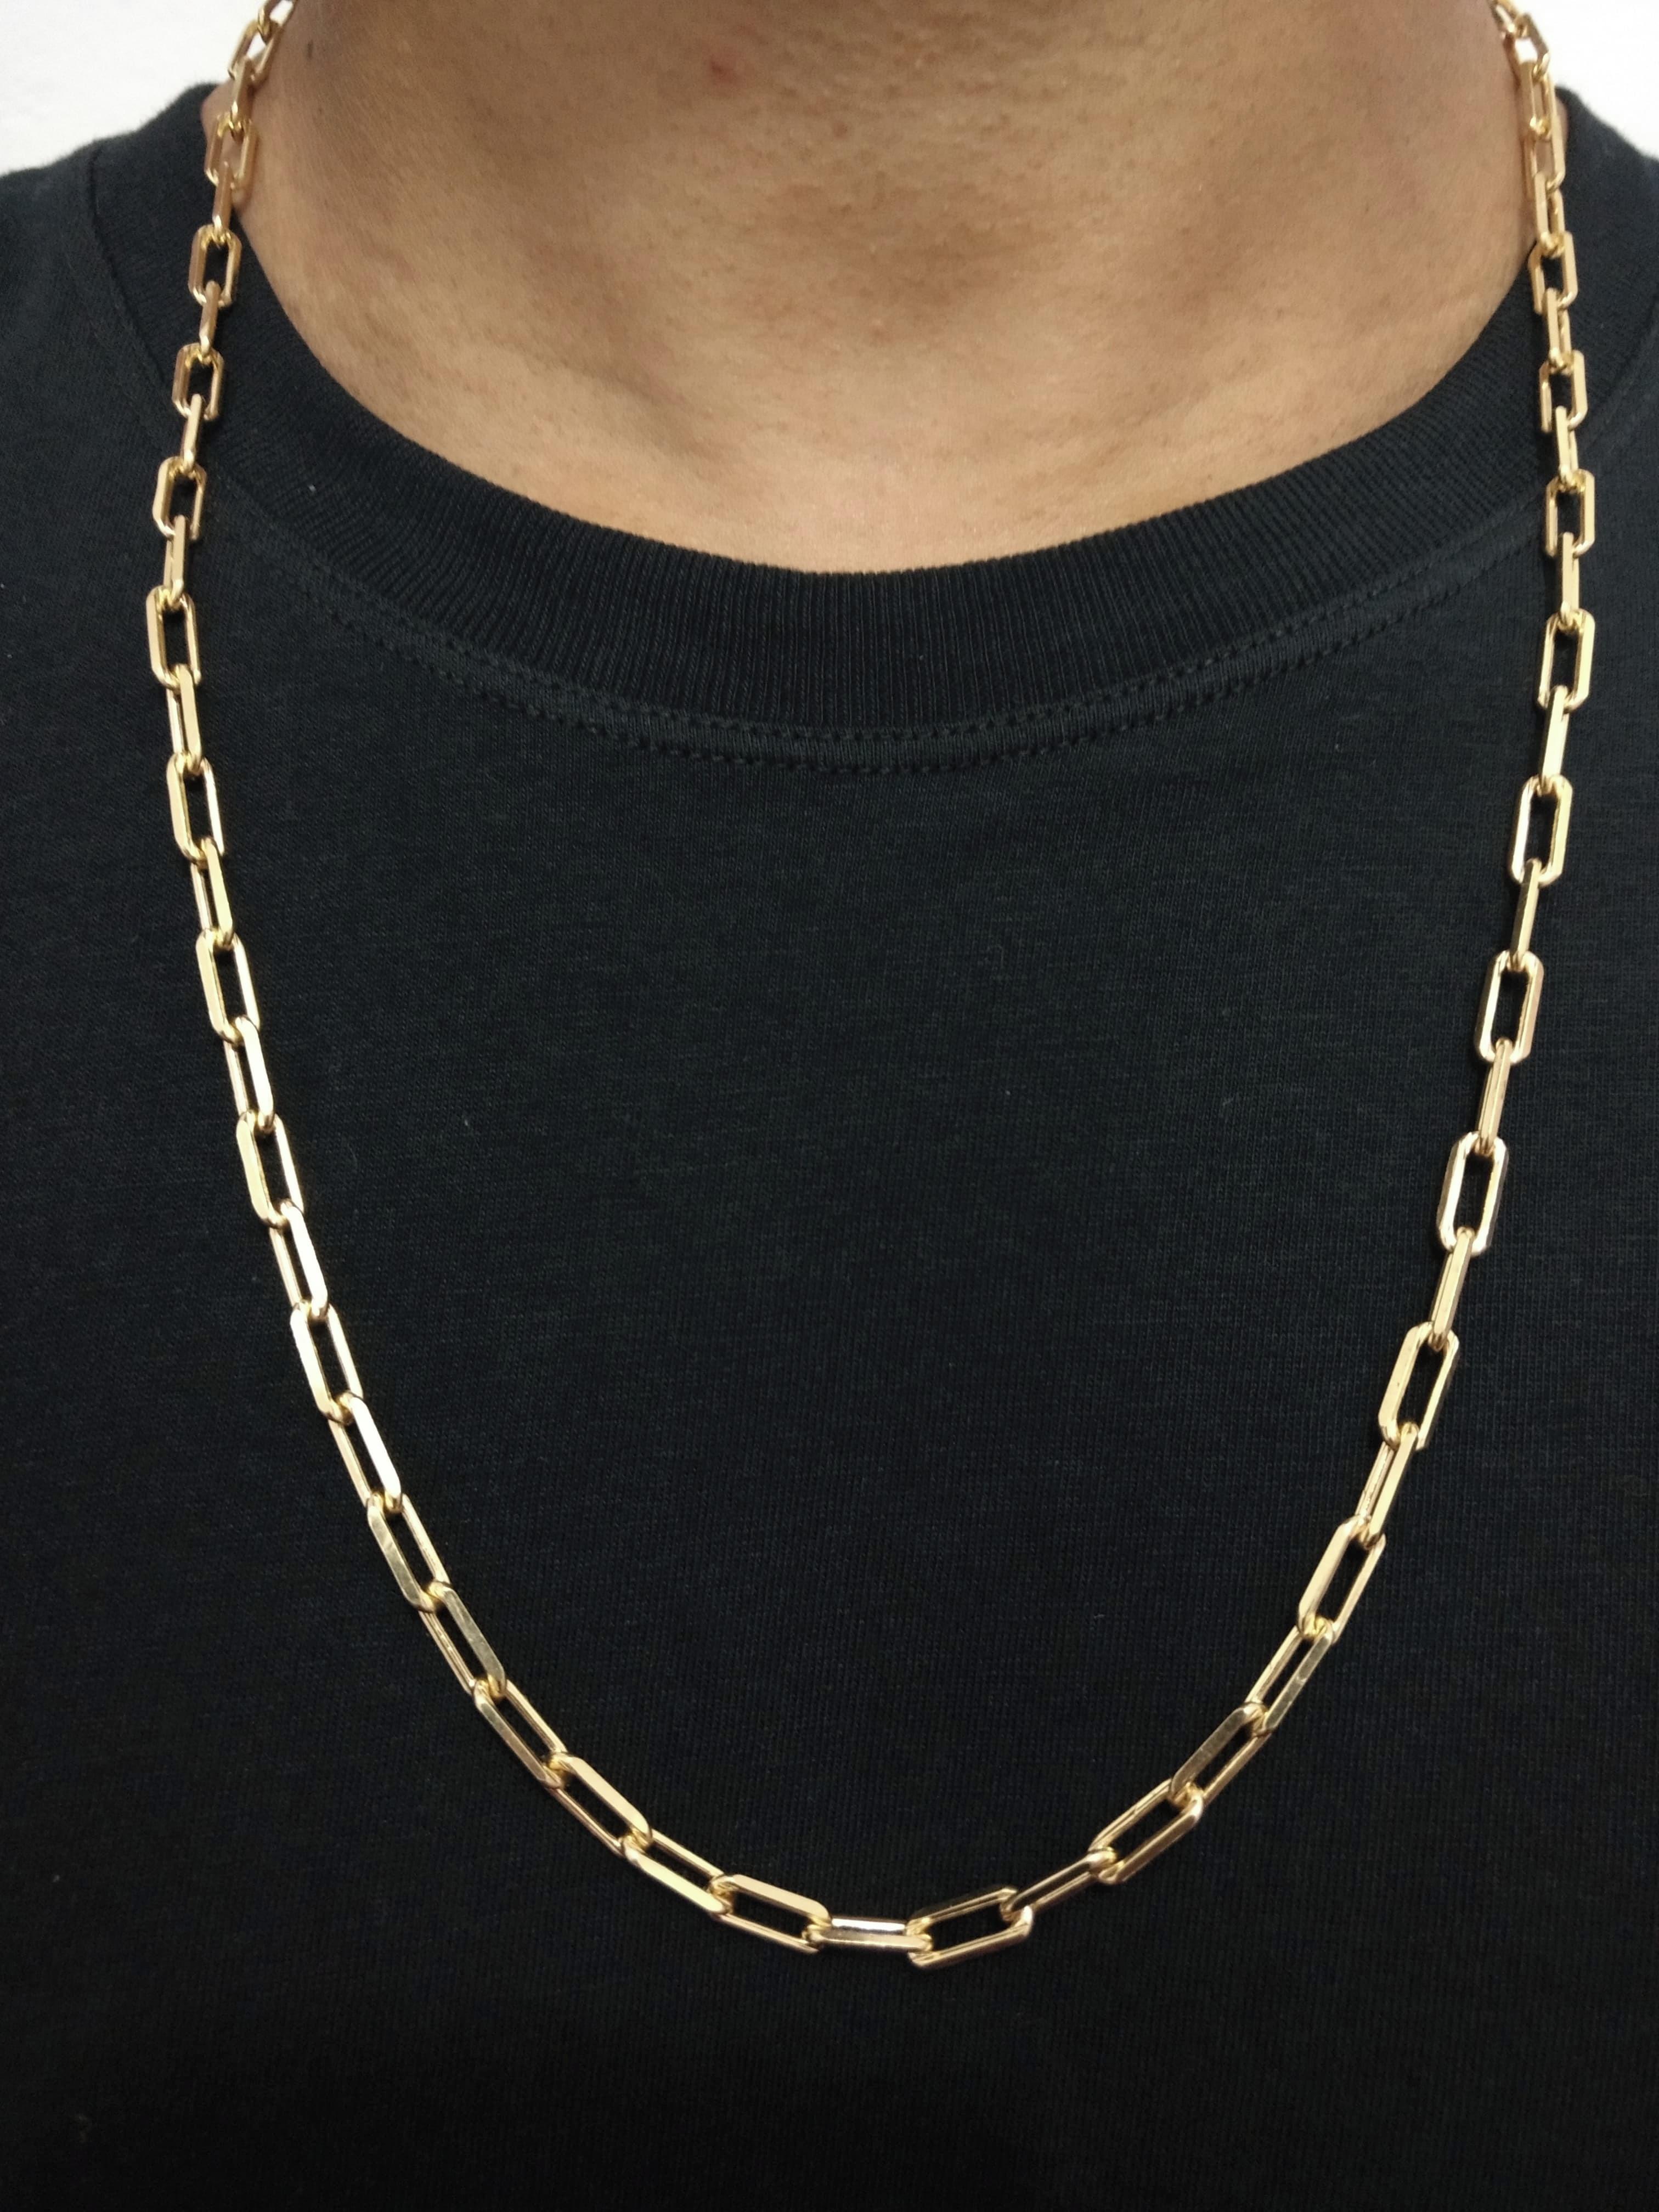 87ff5852c97 Corrente Banhada a Ouro 18k com 70cm